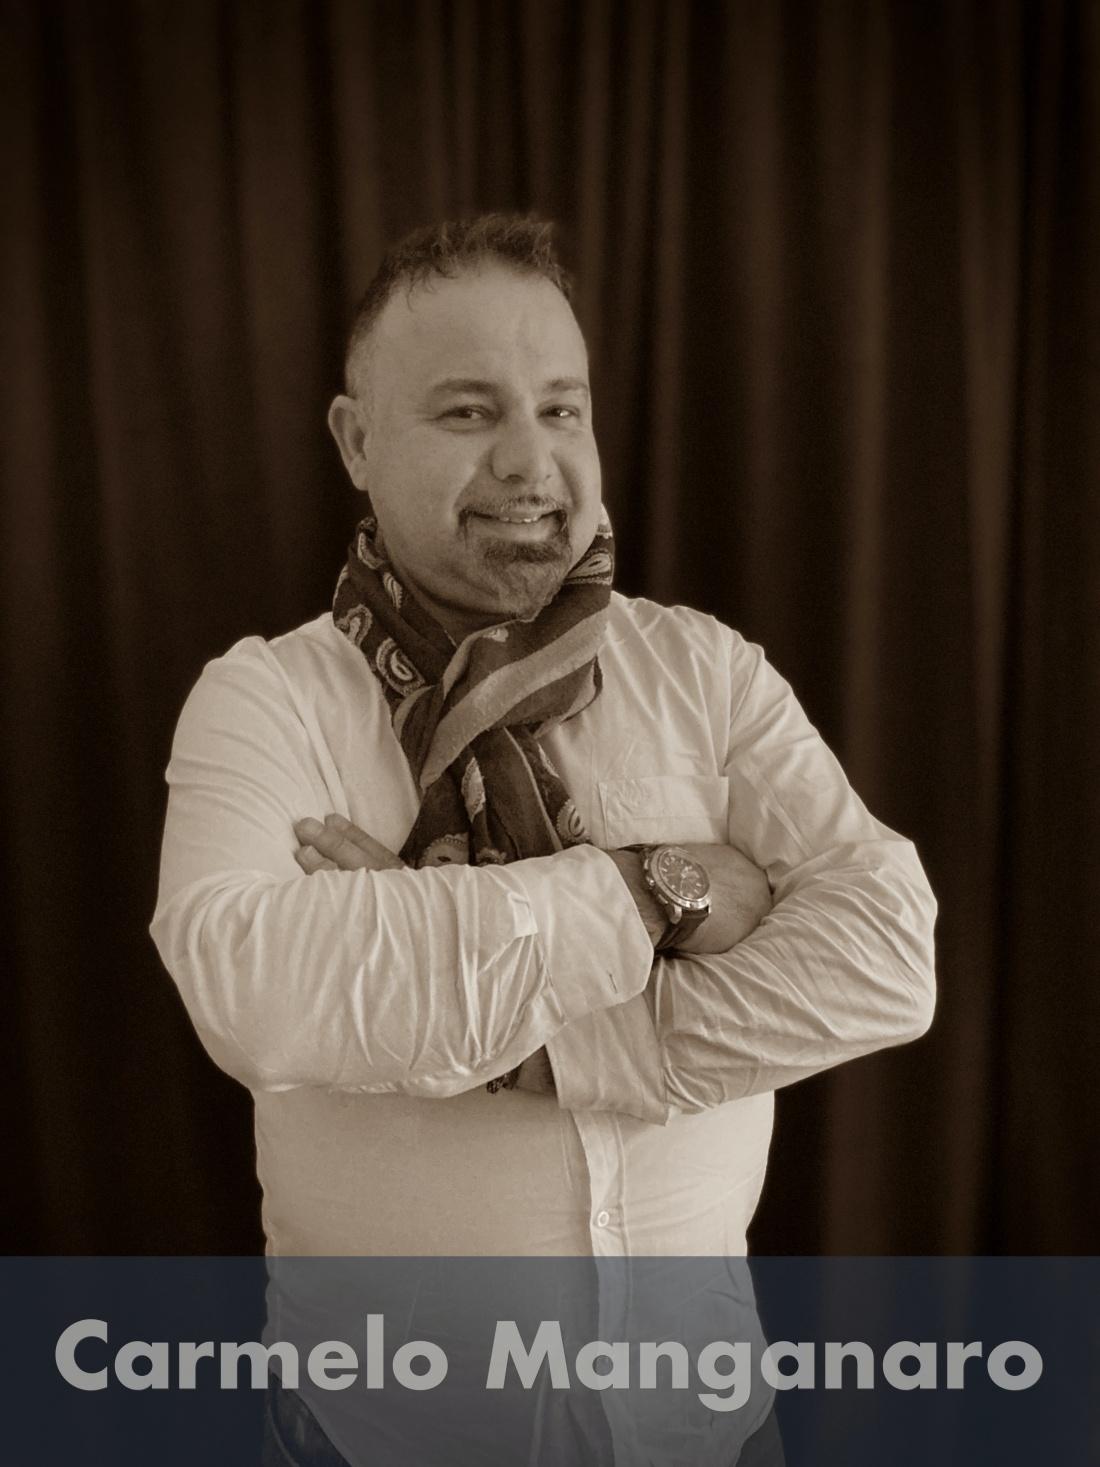 Carmelo Manganaro